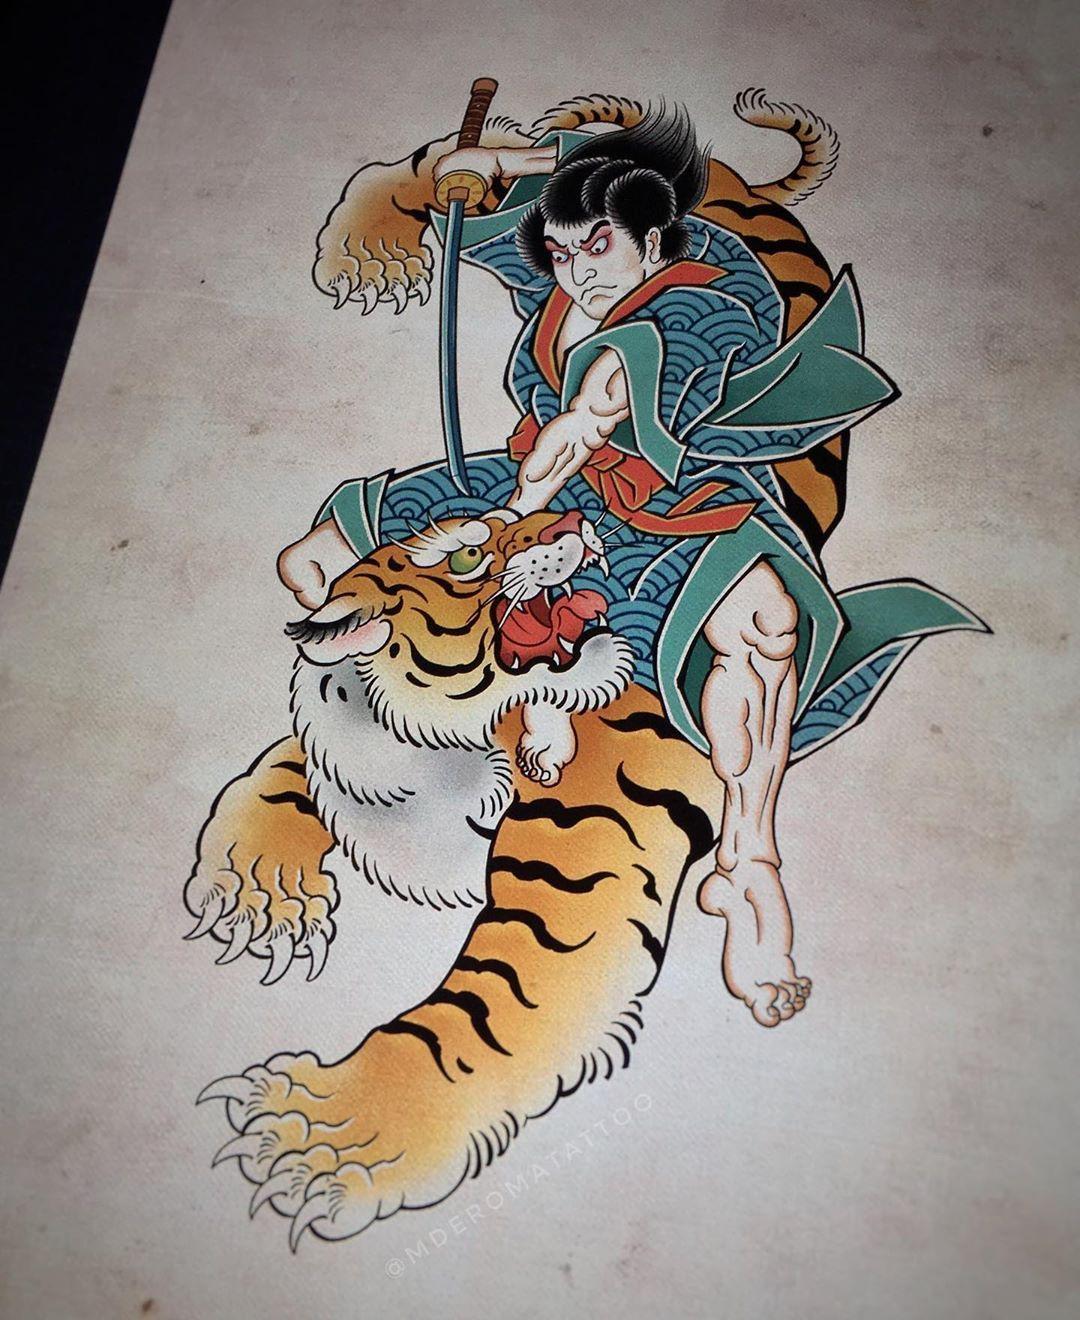 """Roma M De on Instagram: """"🐯🖖 #tattoo #tattoos #tat #ink #japanesetattoo #design #drawing #irezumicollective #asian_inkandart #ipadpro #peonytattoo #ipadprotattooteam…"""""""